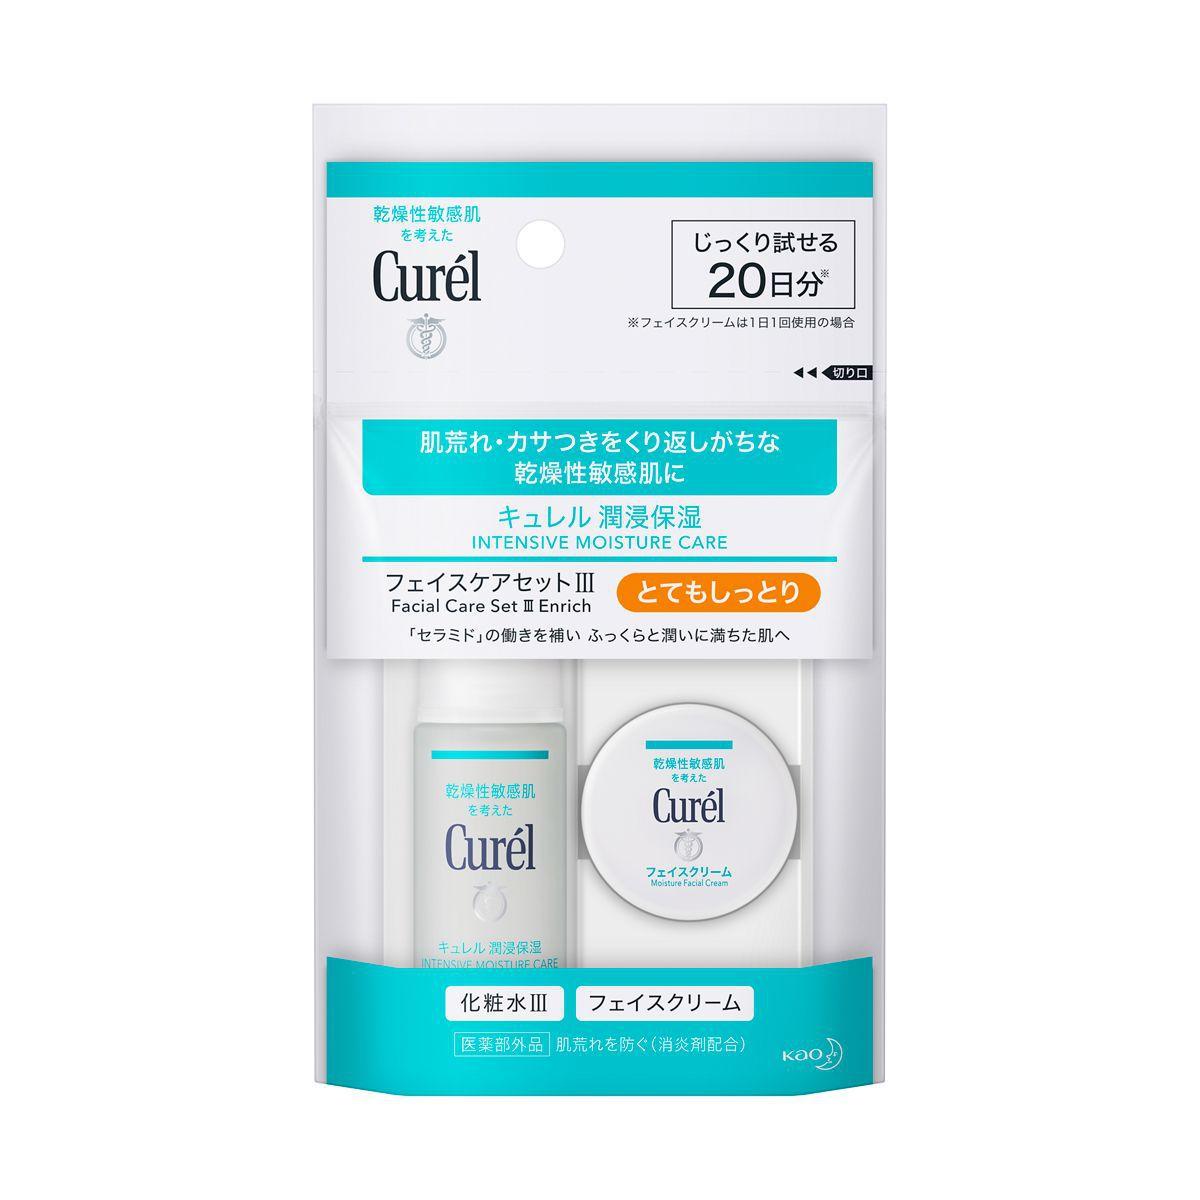 キュレルのキュレル フェイスケアミニセット Ⅲ とてもしっとり <医薬部外品> 30ml+10gに関する画像 1